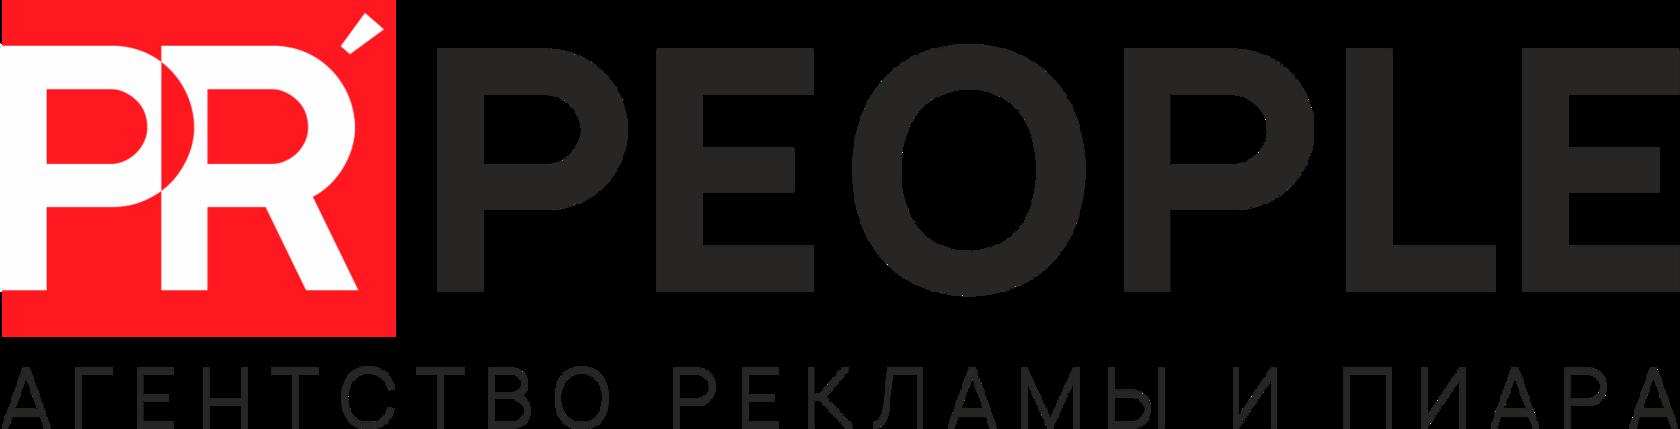 Быстрая печать документов с доставкой по Санкт-Петербургу Пришлите документы нам на почту www@piar-people.ru или перезвоните на +7 981 977-17-50 мы доставим их в этот же день!